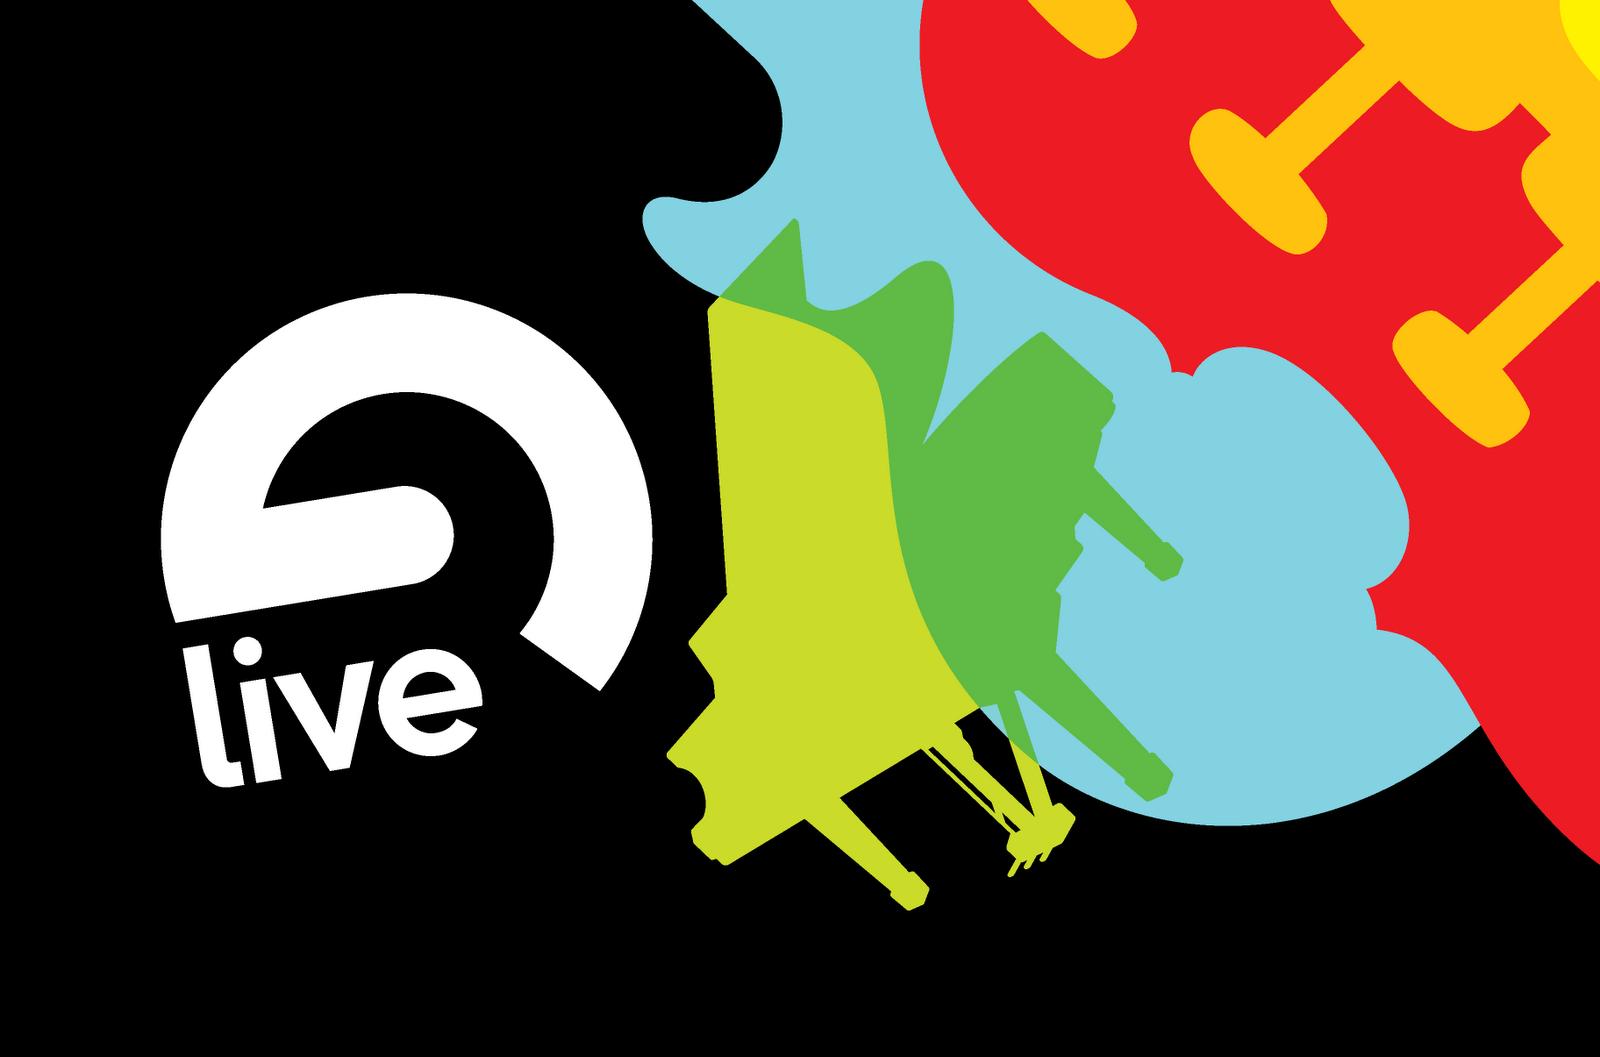 live logo wallpaper ableton live logo ableton live logo wallpaper 1600x1057